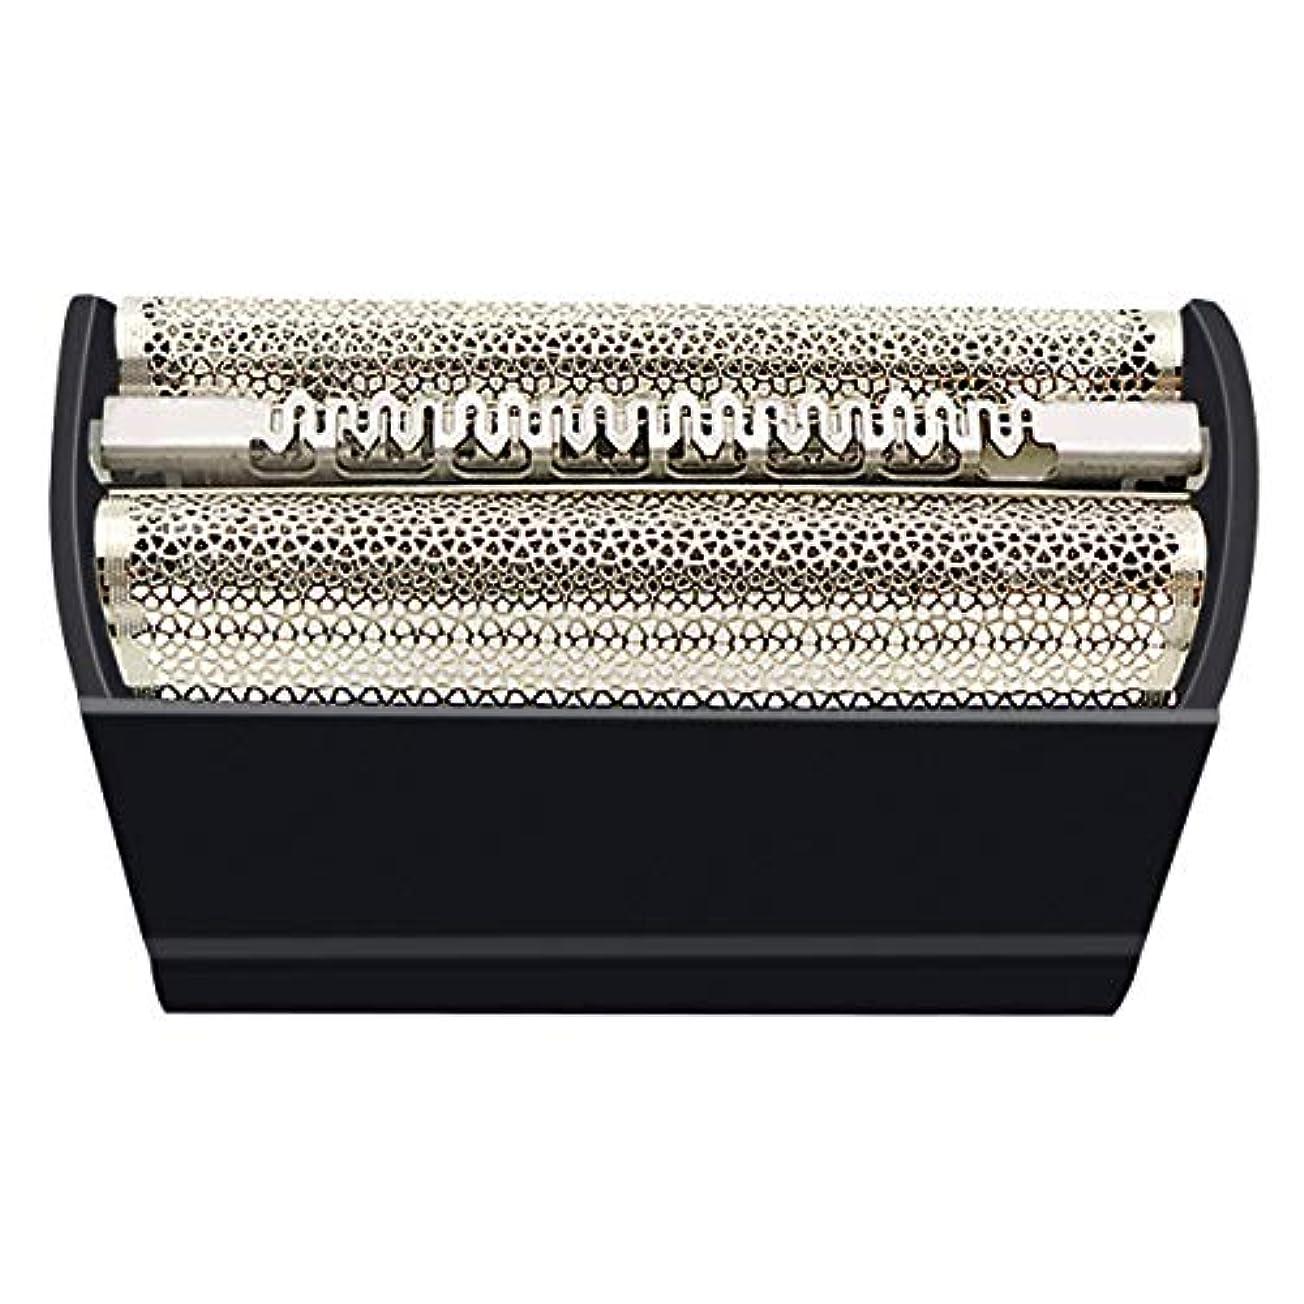 引き出し発信入るVINFANYシェーバー替刃 シリーズ3 適用 Braun 31Bシリーズ3 Smart Syncro Proモデル電気シェーバー シリーズ3網刃?内刃一体型カセット 交換用ホイル (31B (Black))